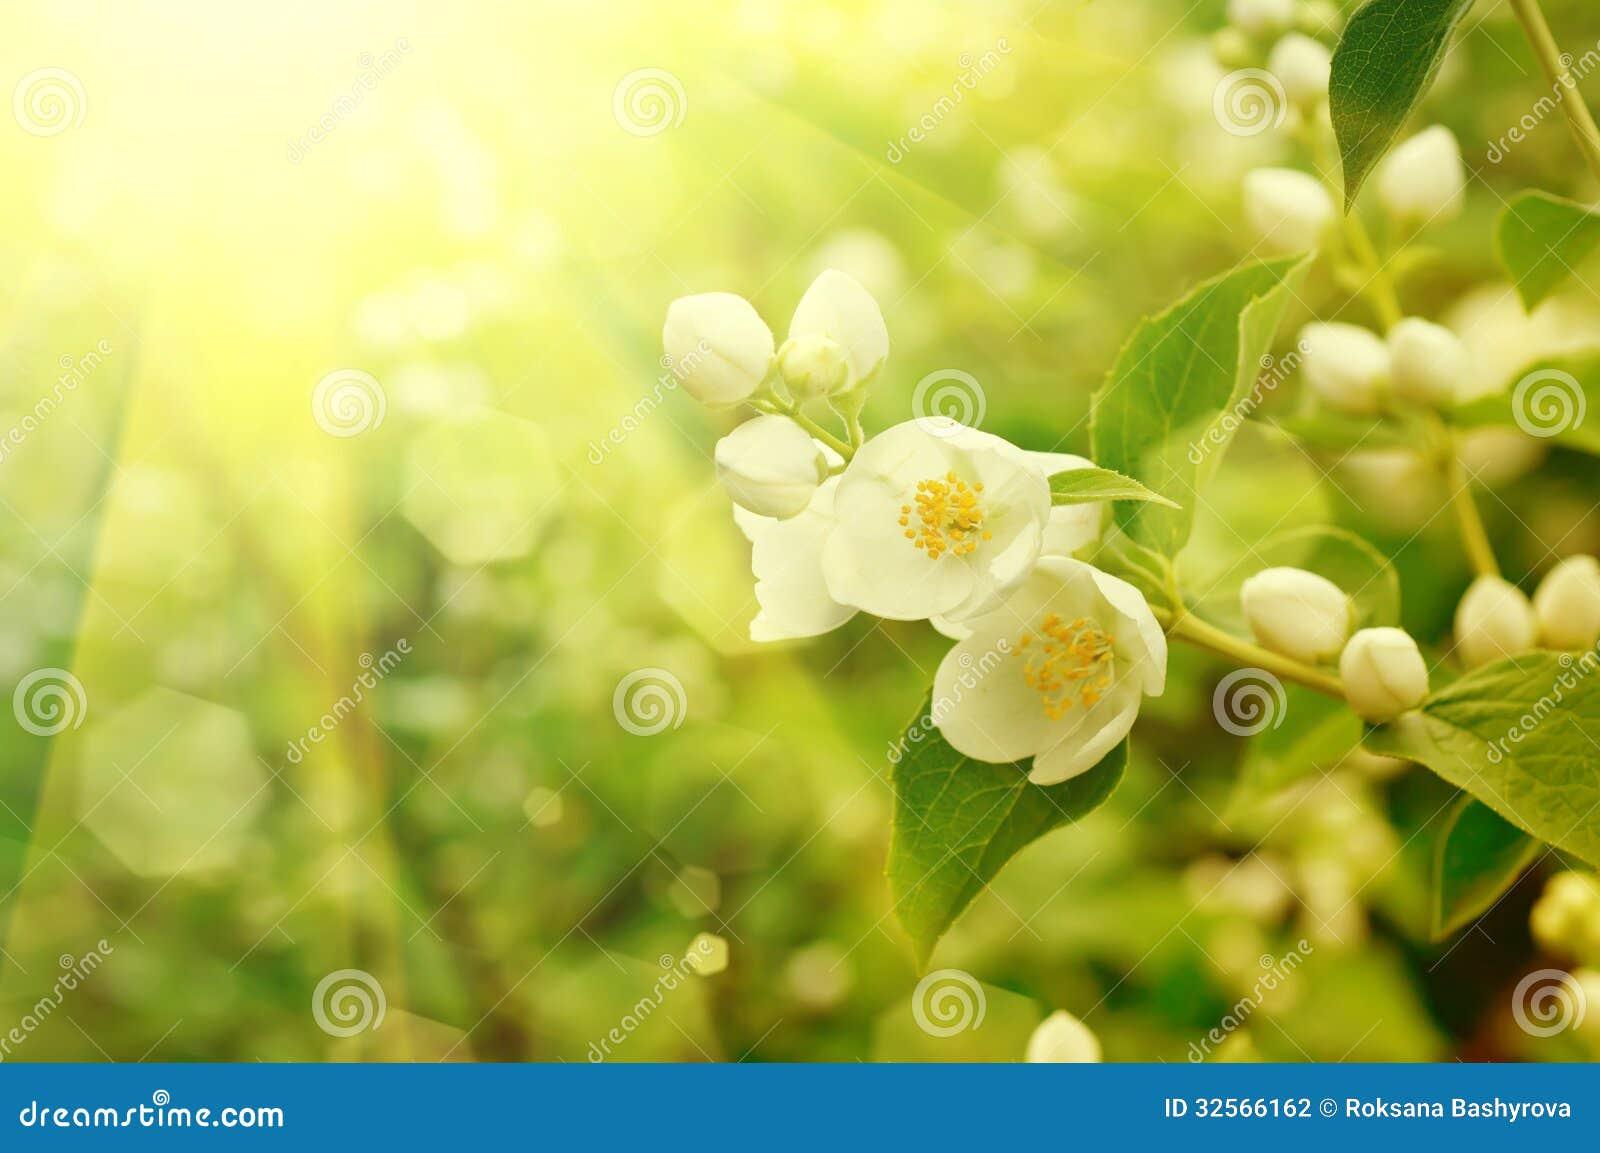 Jasmine Flower Stock Photo Image Of Ecology Beautiful 32566162